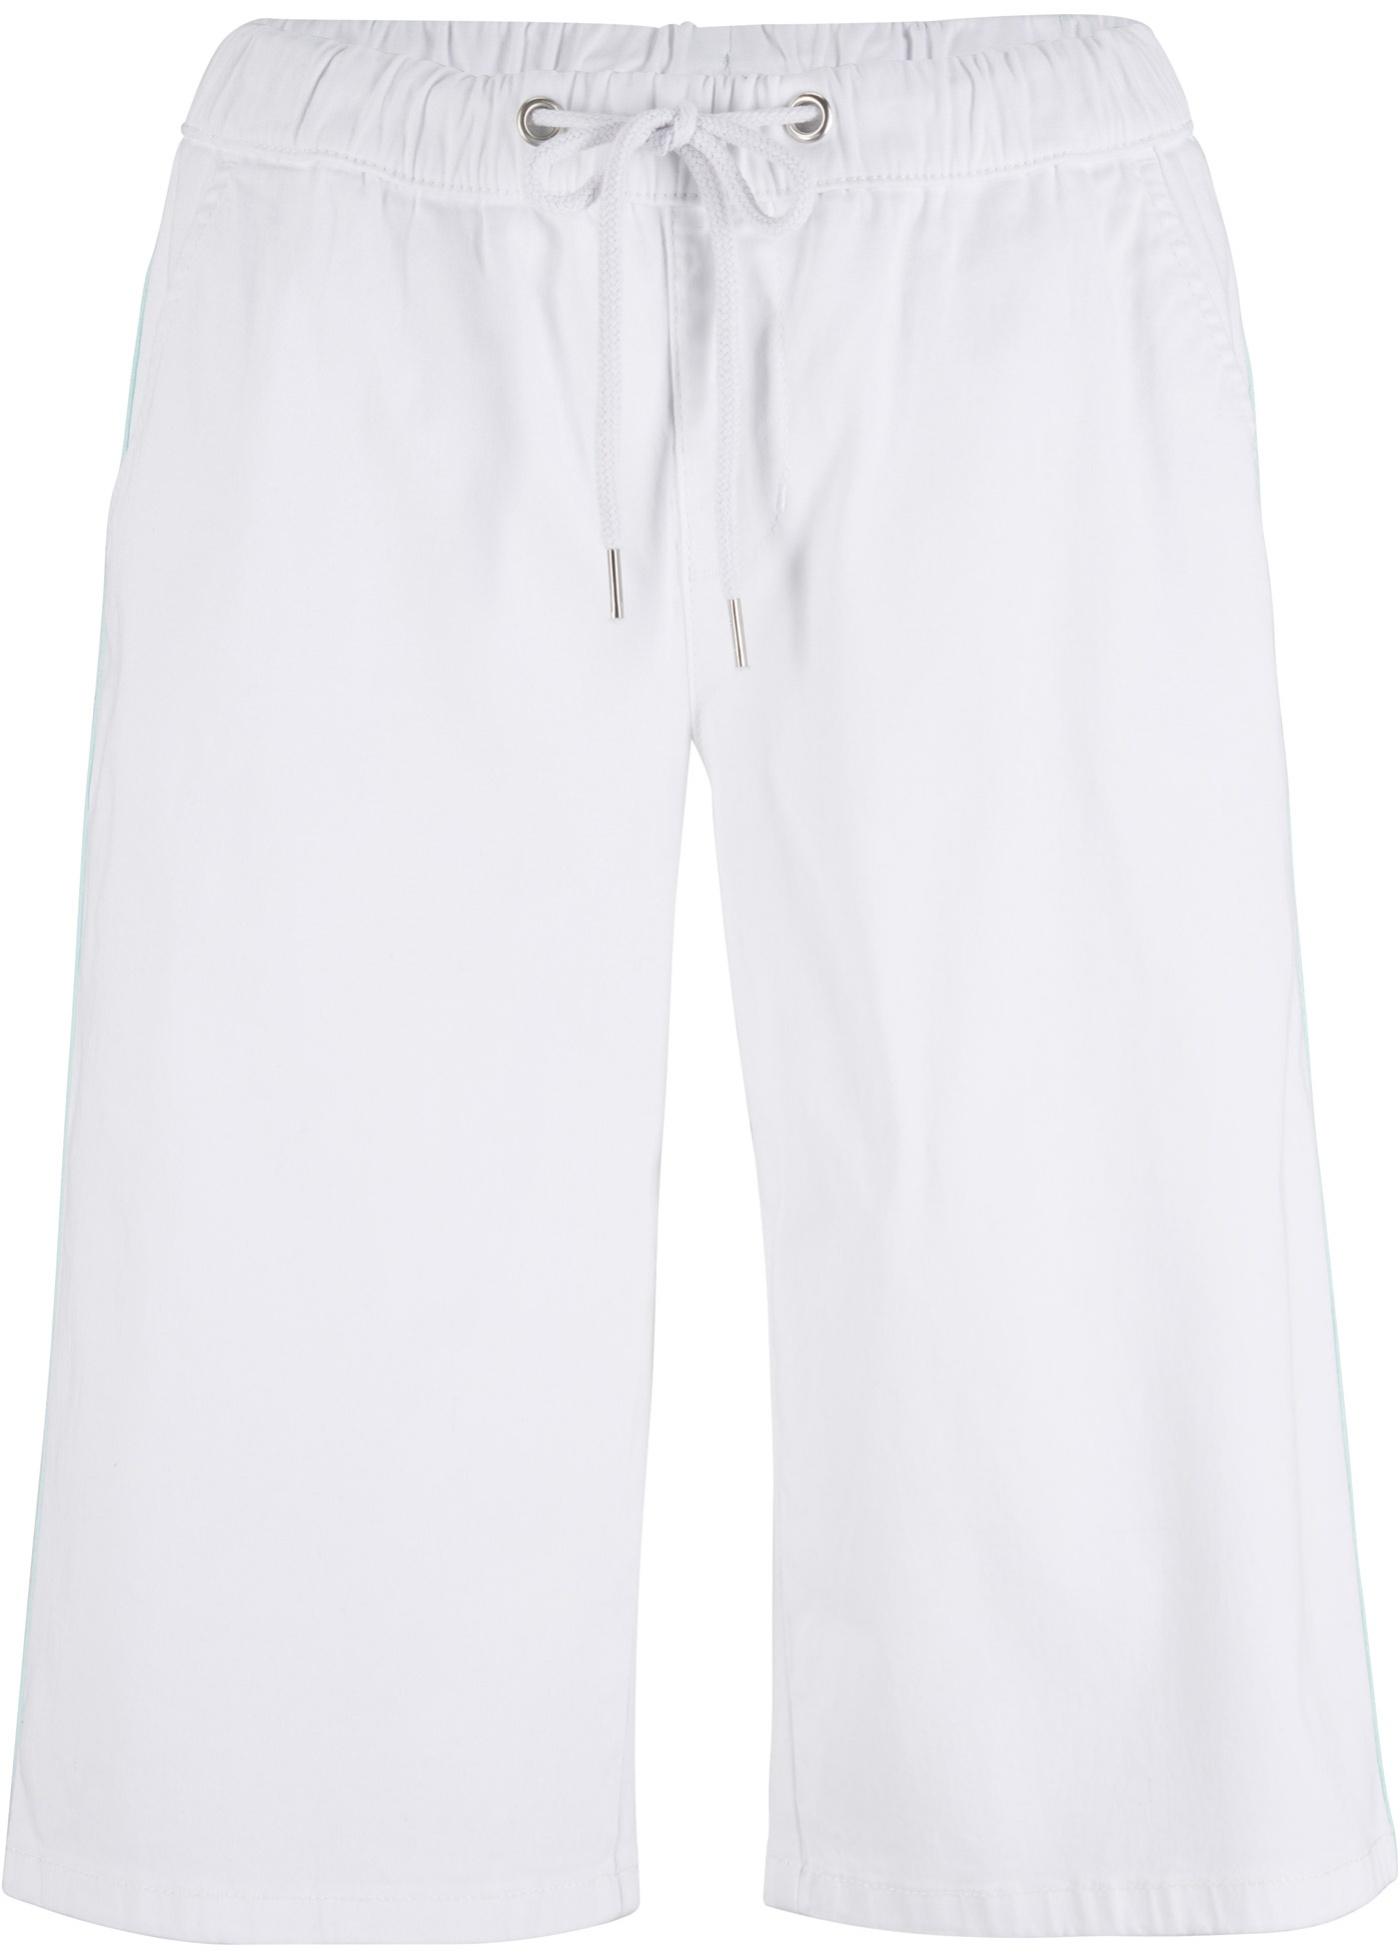 Jeans-Bermuda mit farbigem Streifen in weiß für Damen von bonprix